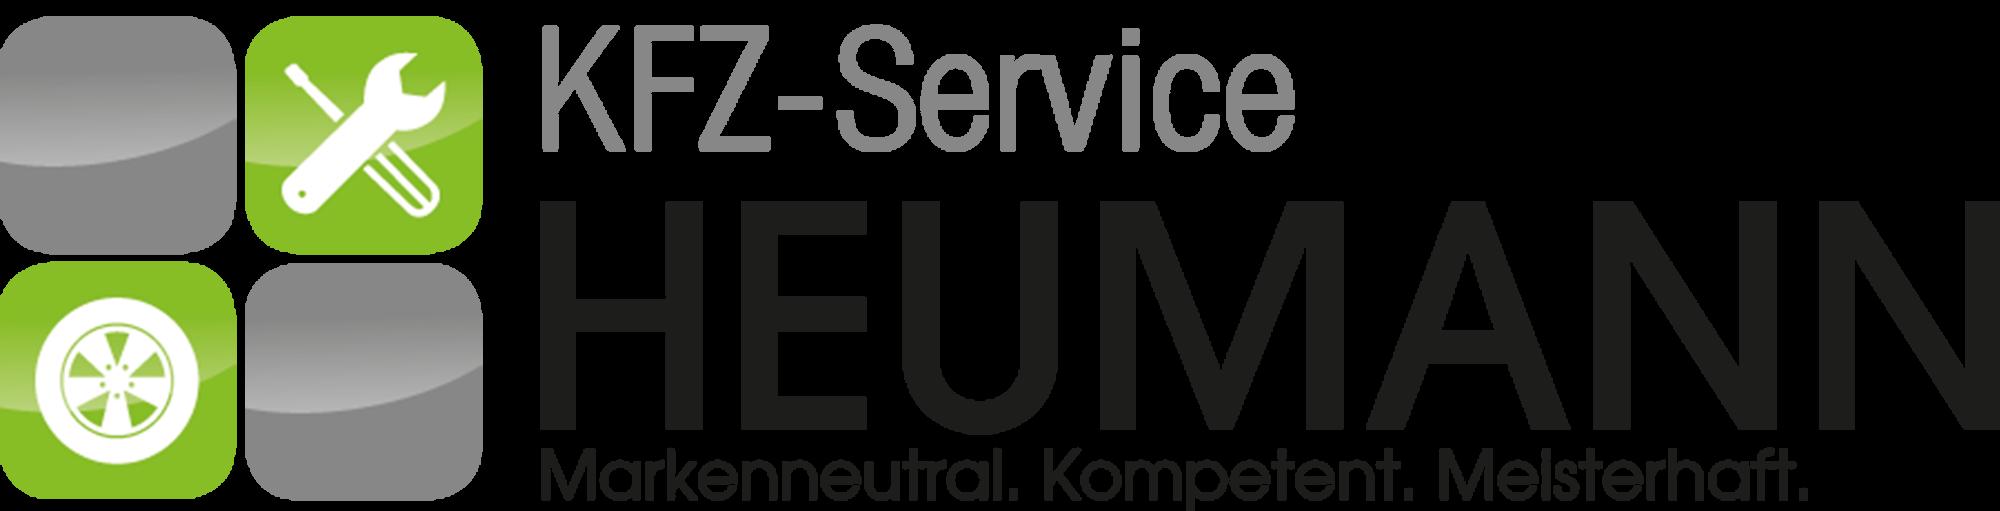 KFZ-Service Heumann